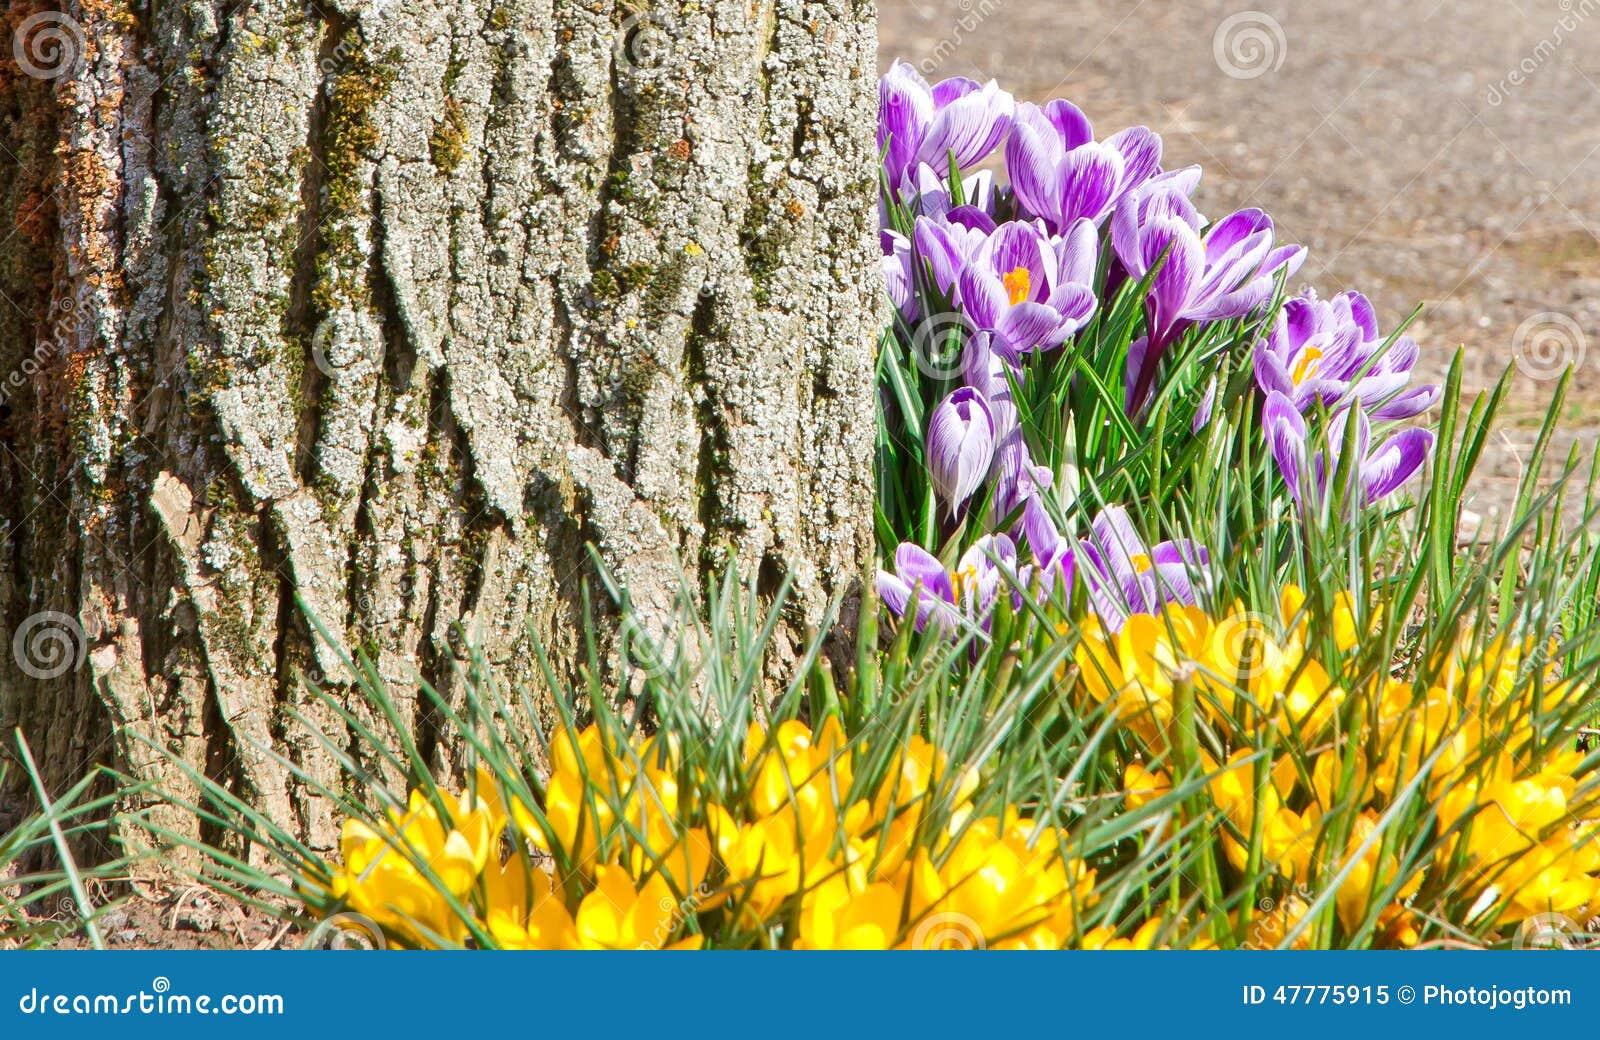 Geliebte Krokusse auf einem Baum stockbild. Bild von krokus, farben - 47775915 &PG_11